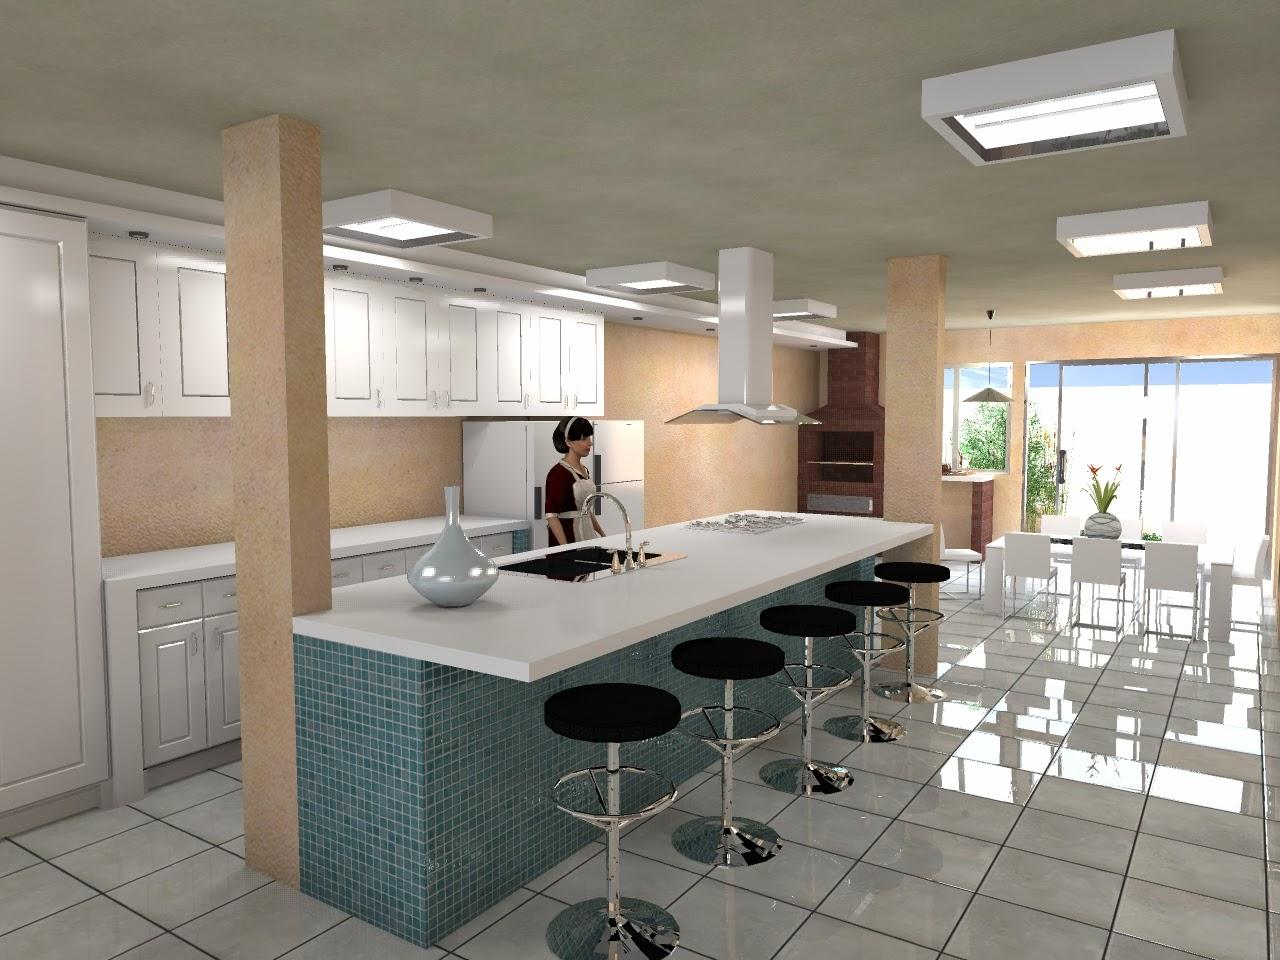 Projetos & Desenhos: Estudo Cozinha Espaço Gourmet e Sala #81674A 1280 960